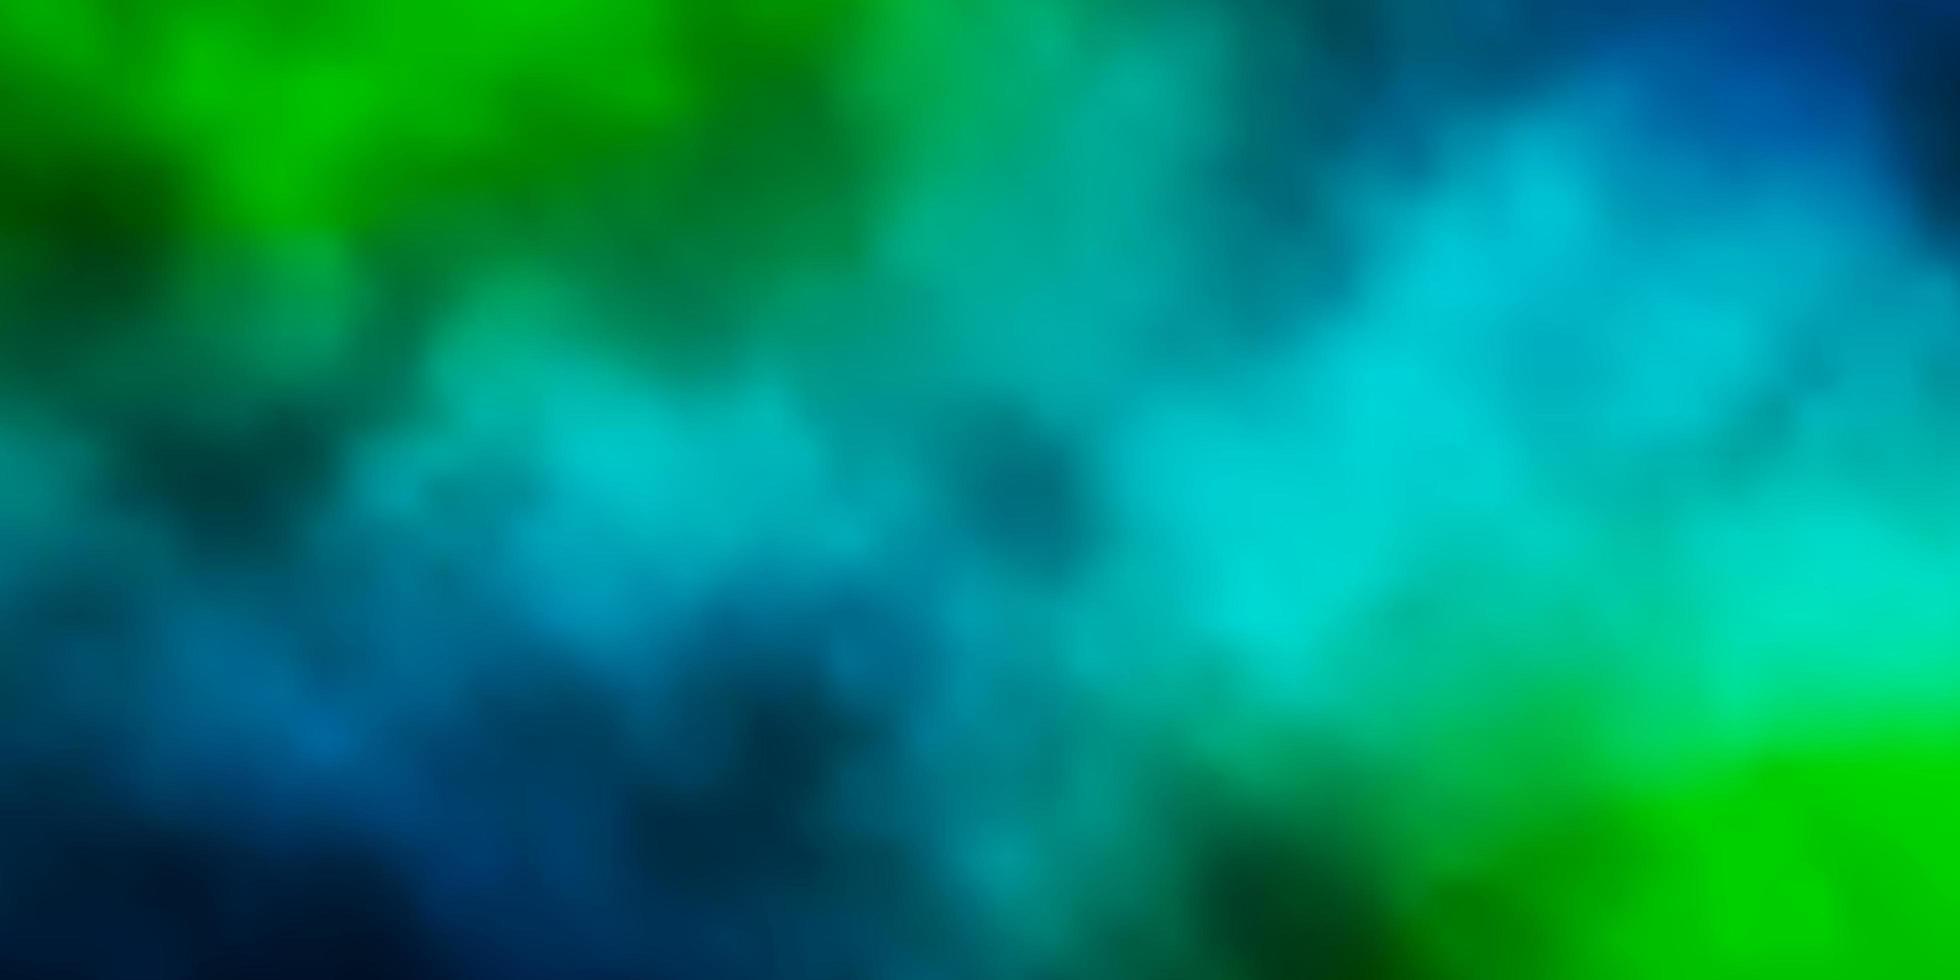 dunkelblaues, grünes Layout mit Wolkenlandschaft. vektor